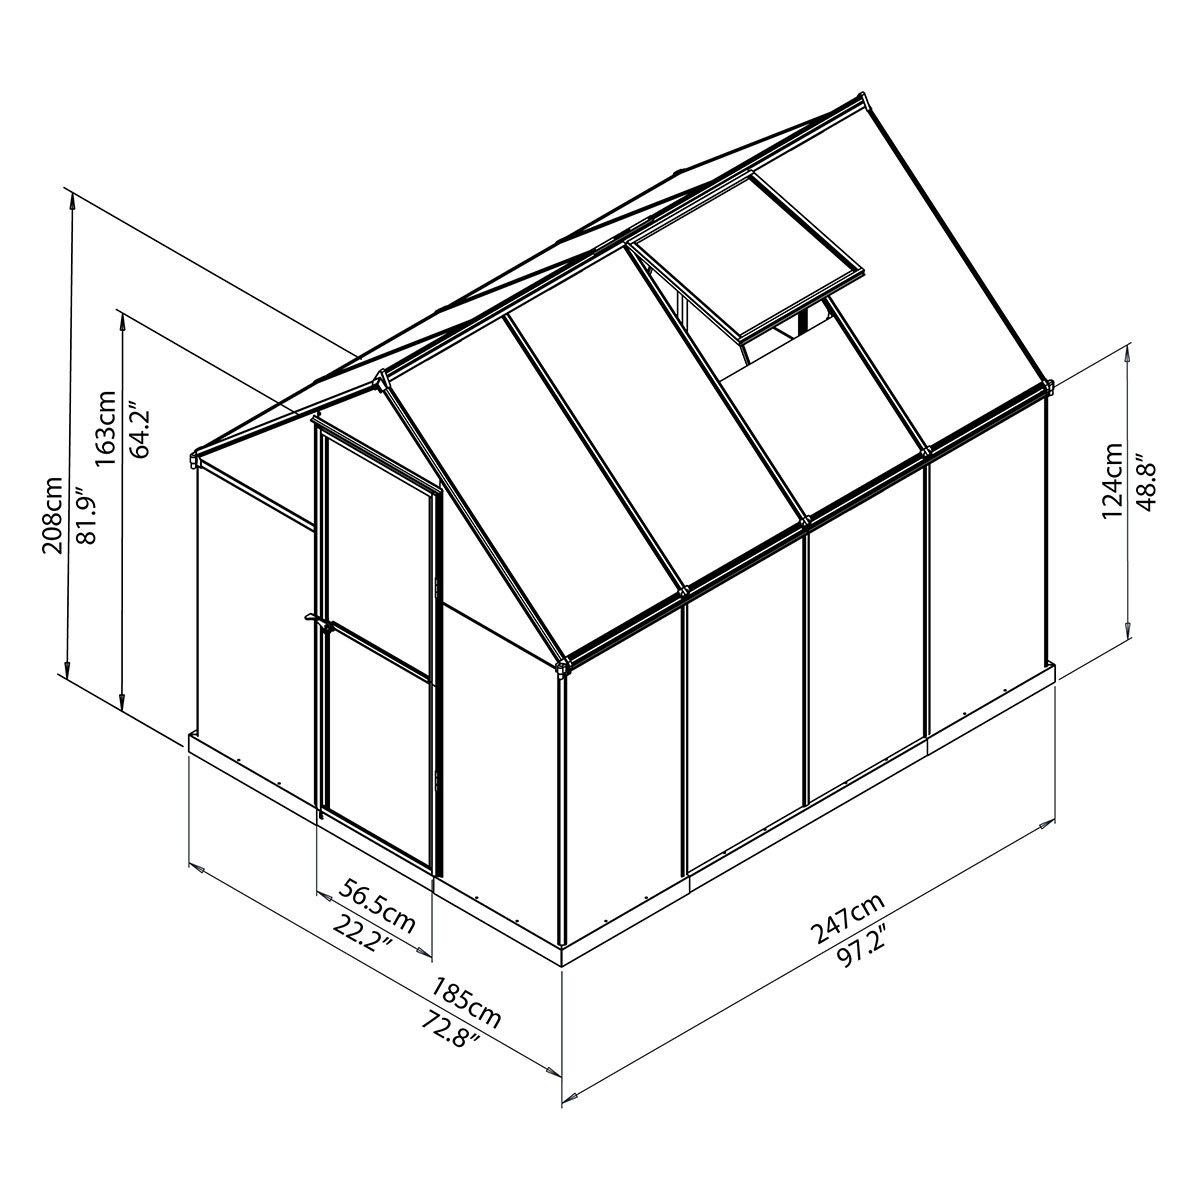 Gewächshaus Multi Line 6 x 8 mit Stahlfundament, 250 x 185 x 209 cm, Aluminium, silber | #8